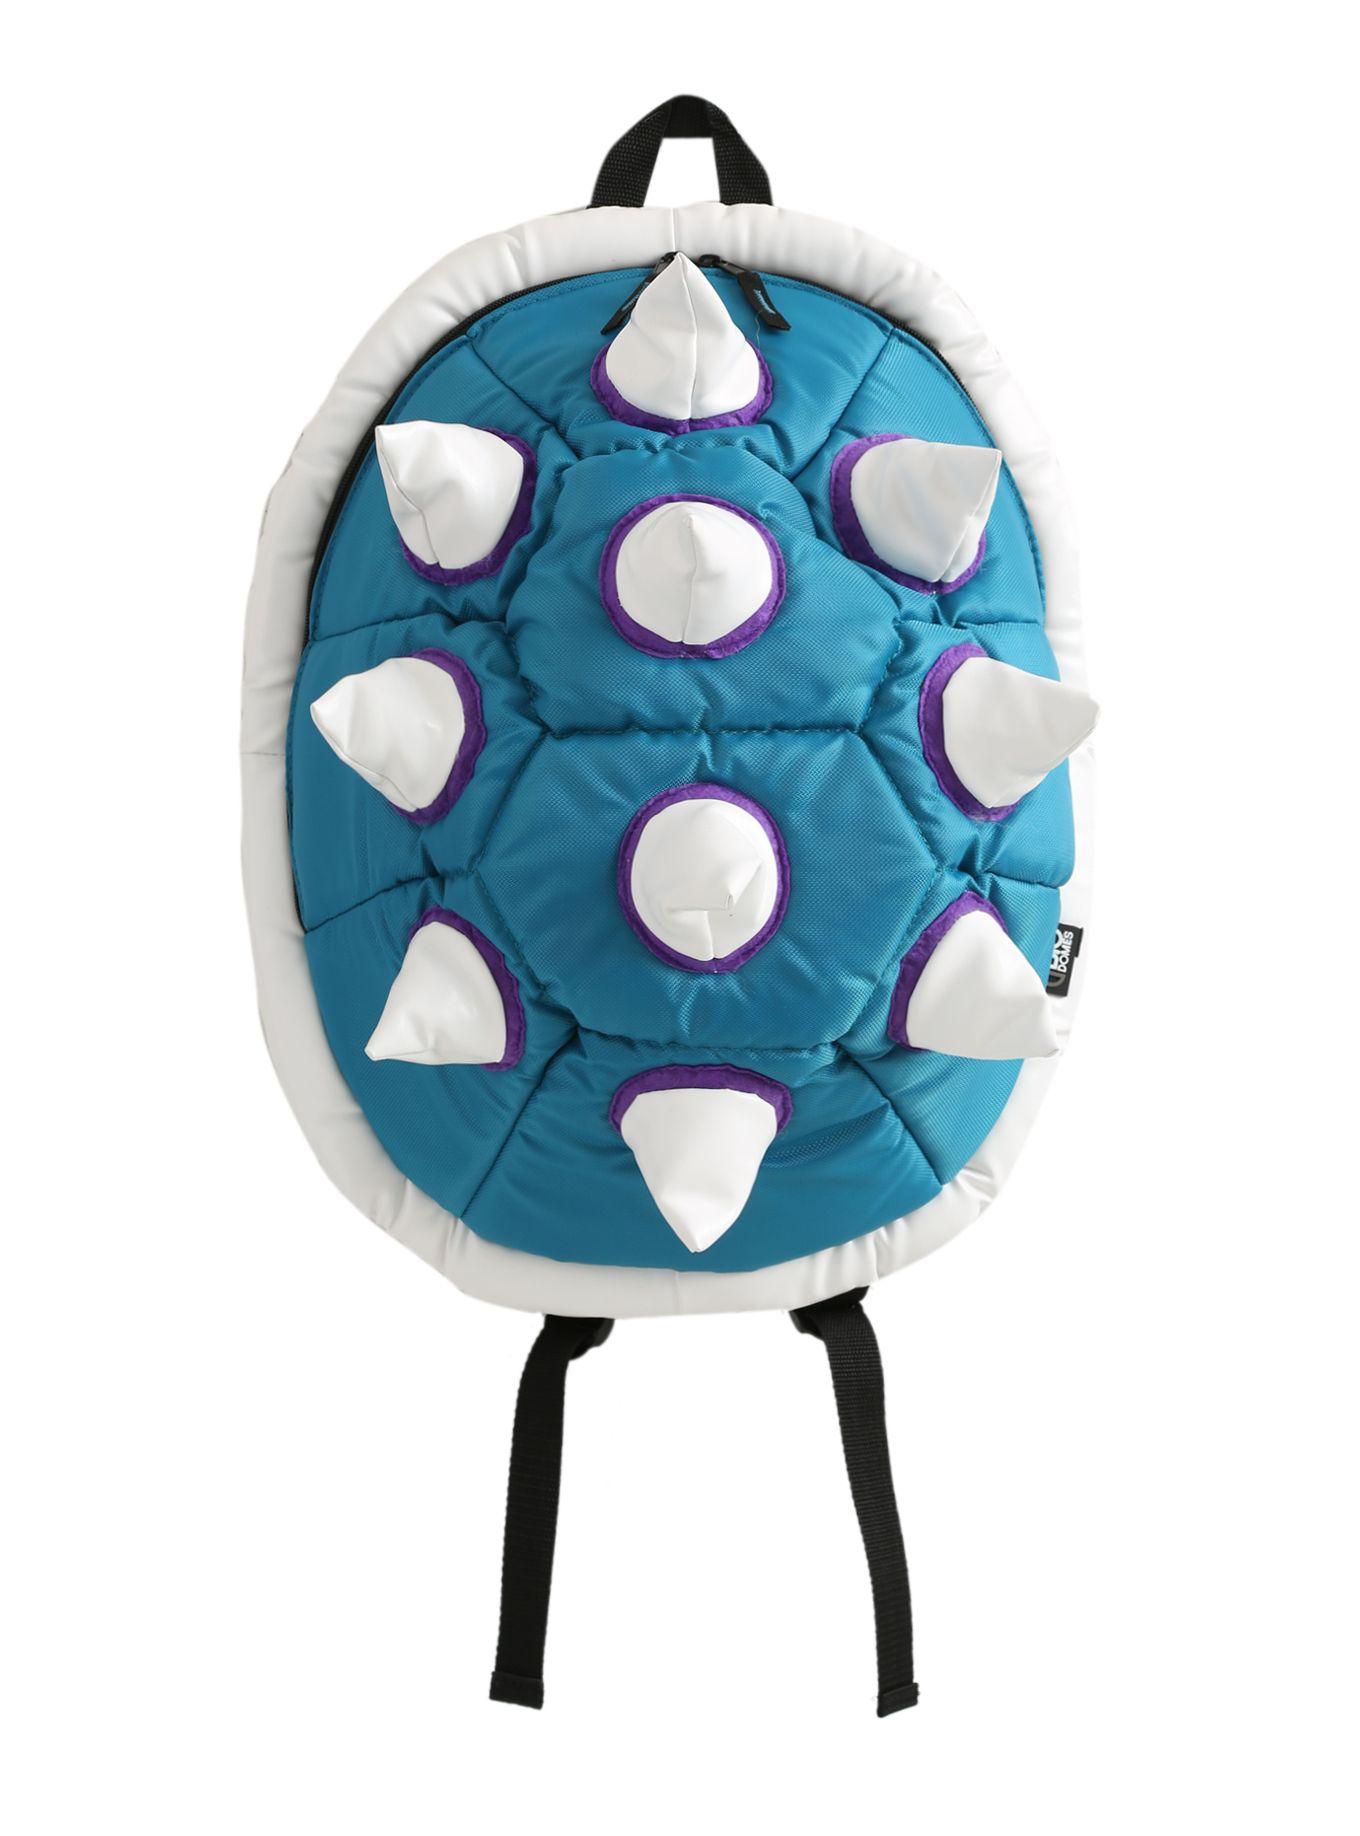 Turquoise spike backpack cosplay costumes backpacks hot topic jpg 1360x1836  Blue spike backpack e8585528325c8